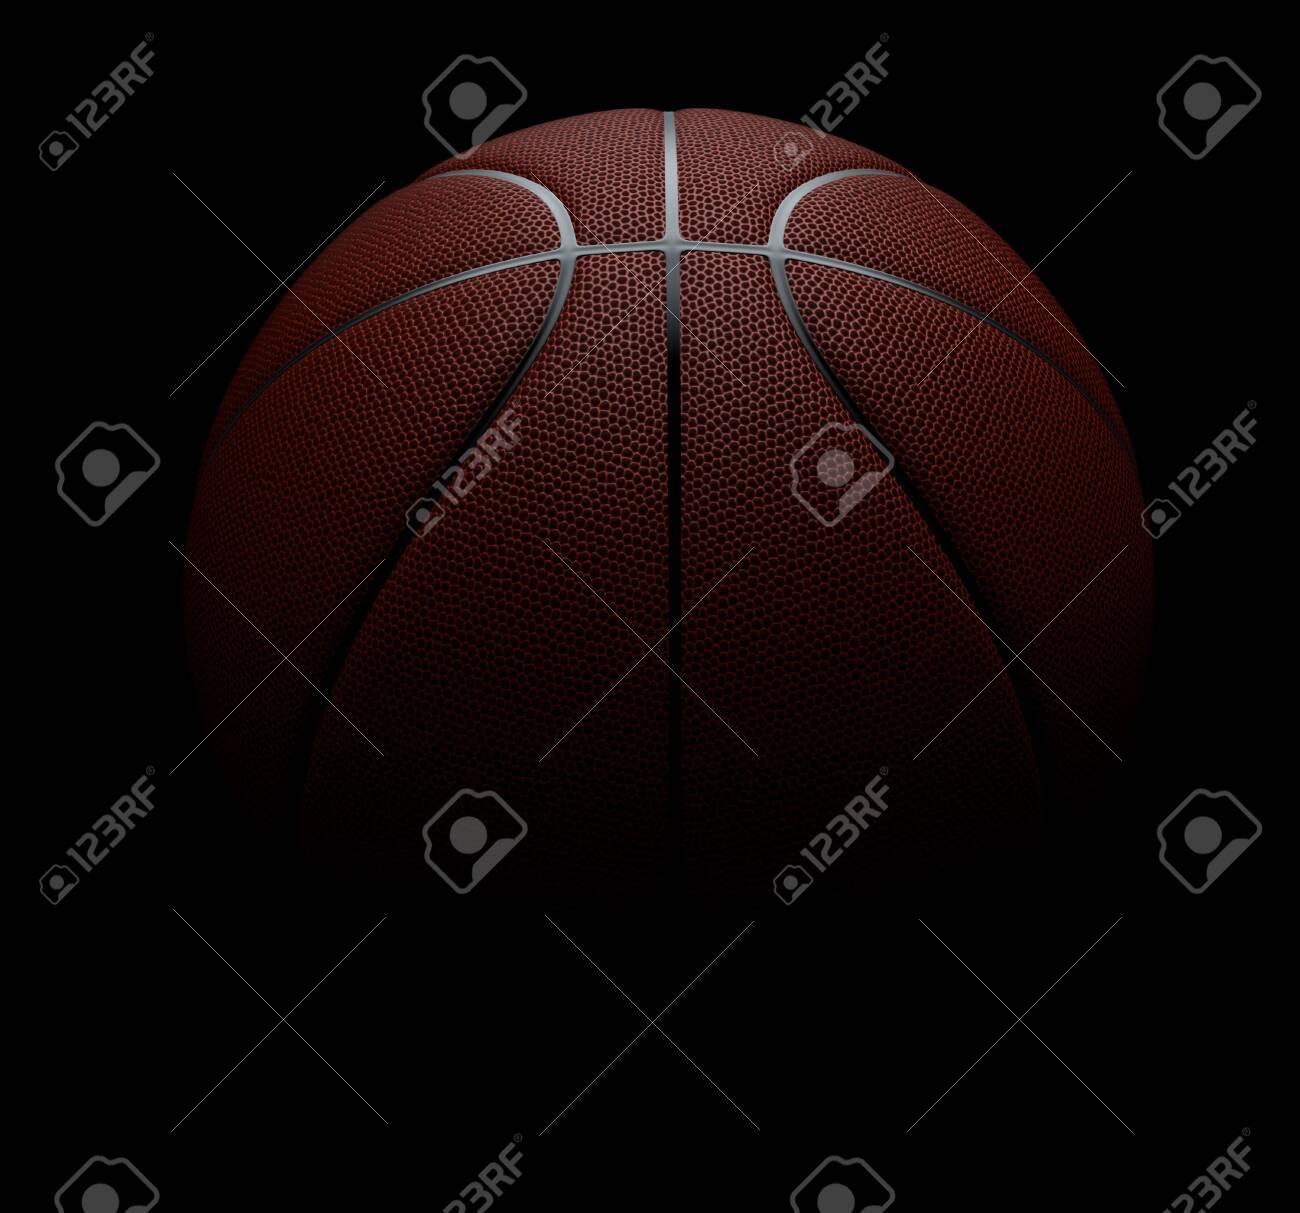 Basketball on black background. 3d render illustration - 137763053